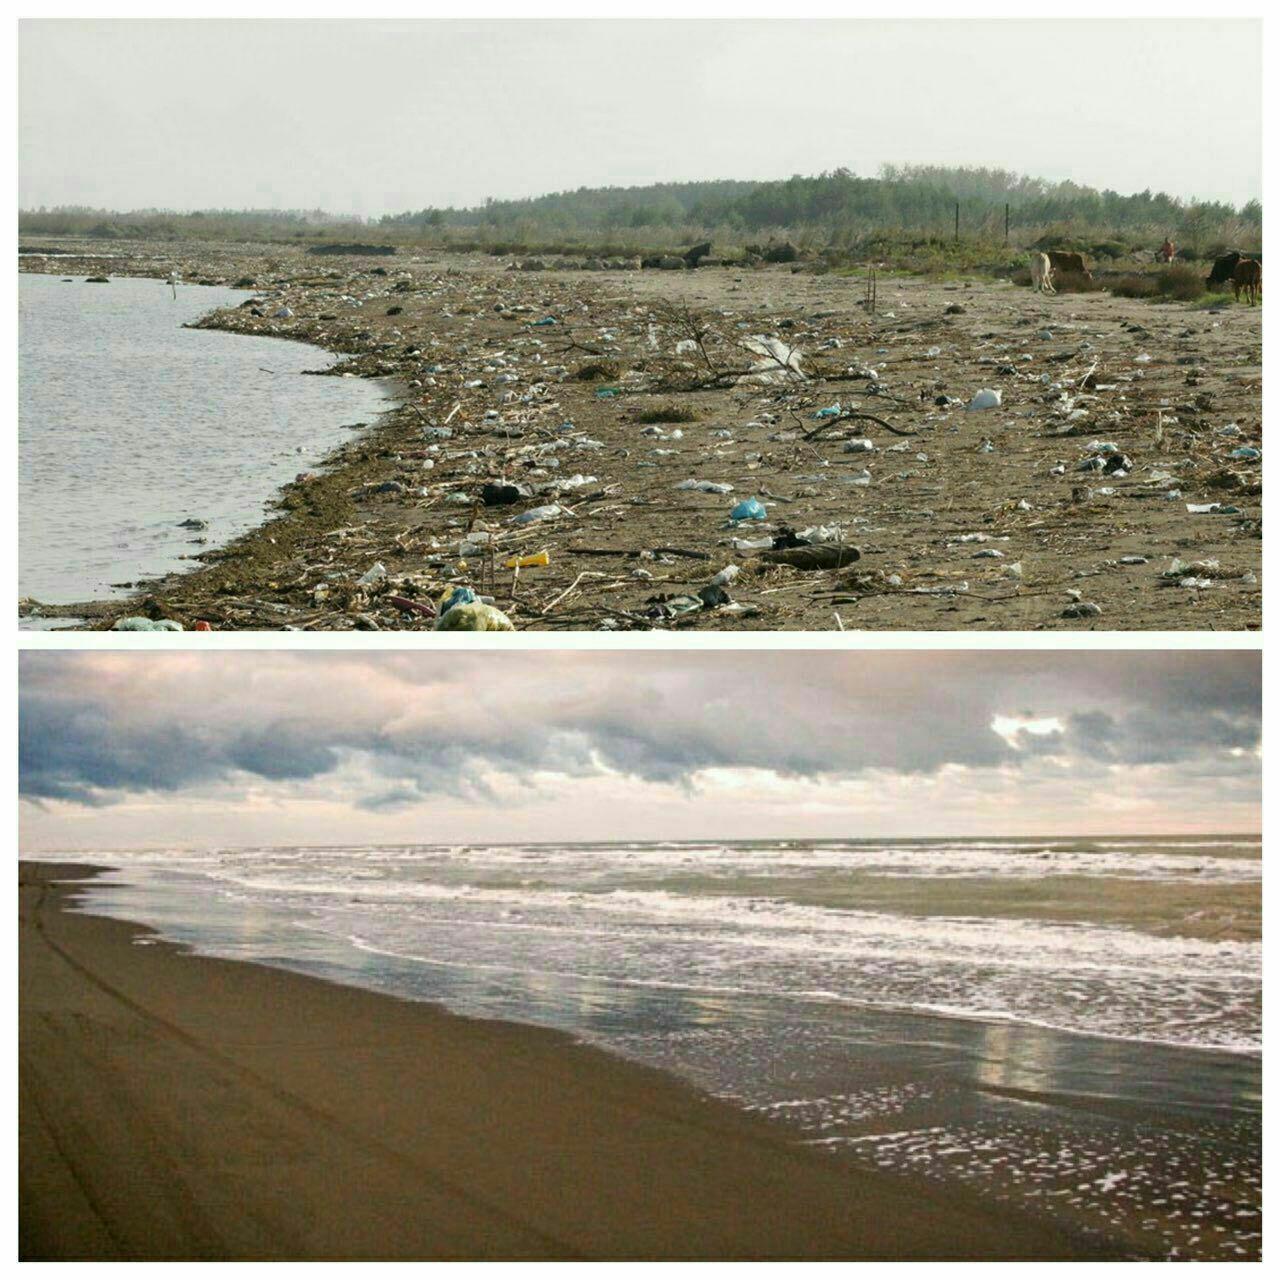 هر دو ، ساحل دریای خزر است !!!!!  اما بالایی از جانب ایران و پائینی از جانب روسیه !  این که دیگه تقصیر مسولین نیست!! reza_netboy